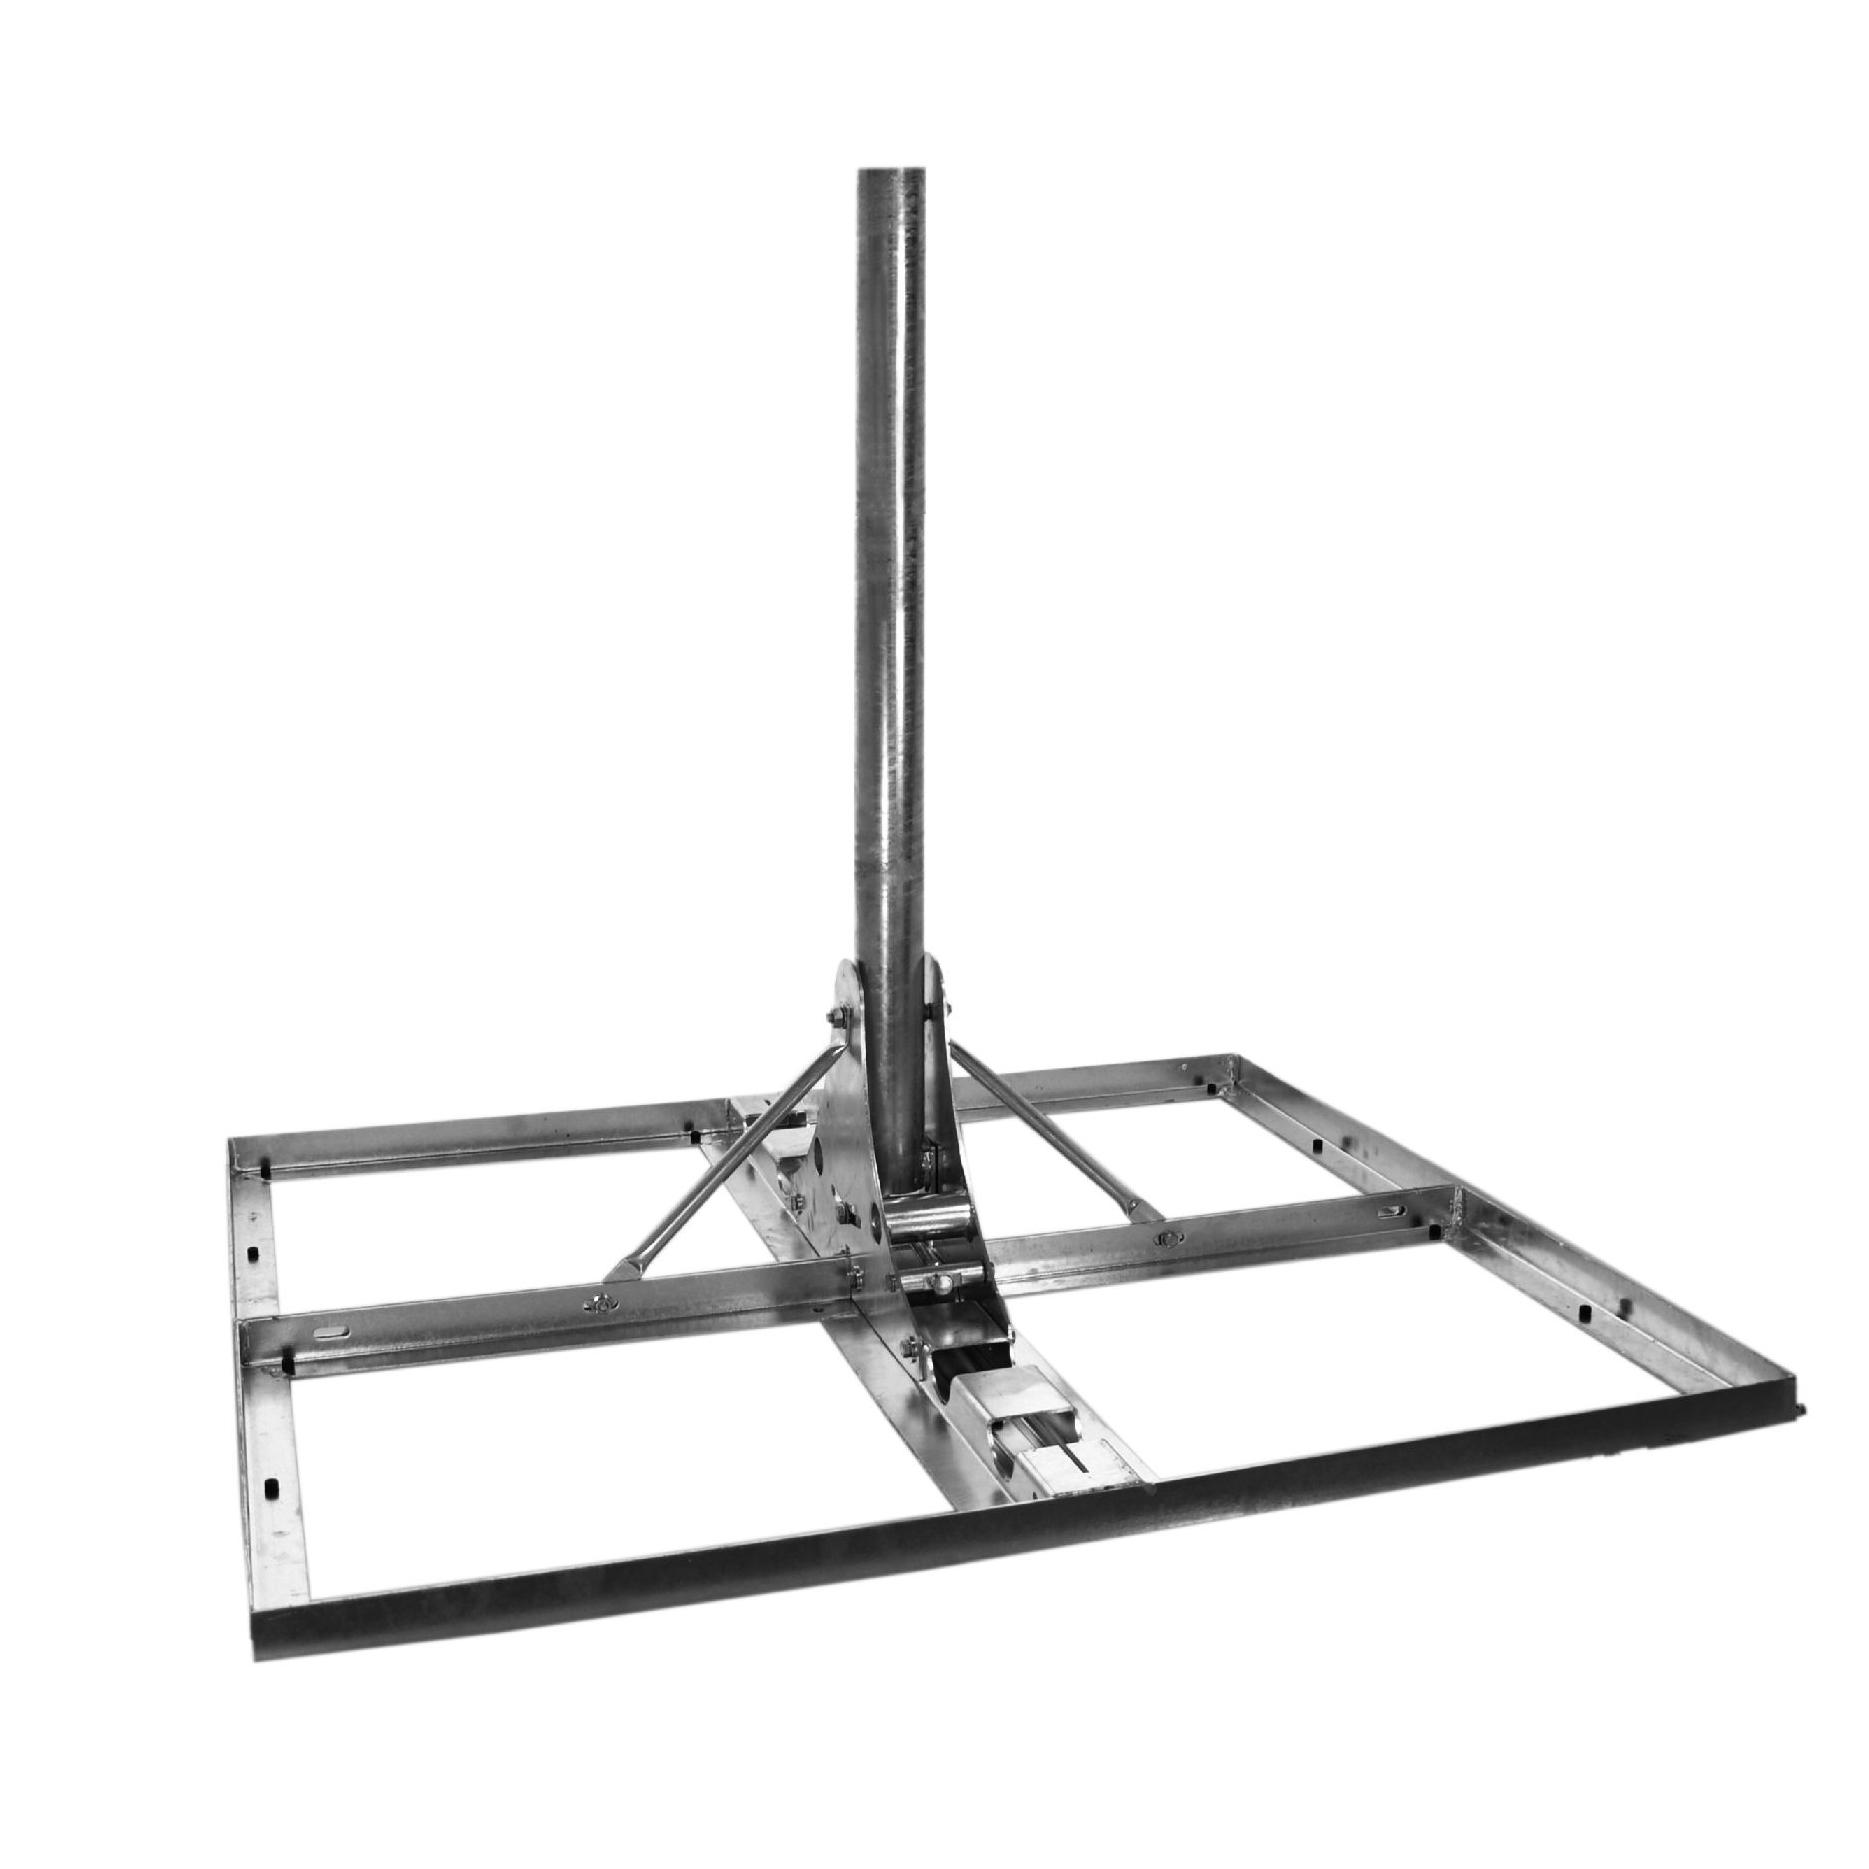 1 Stk SAT Flachdach-Ständer,f. 4xBeton 50x50cm, Mast=110cm, Stahl HSATMF11S-